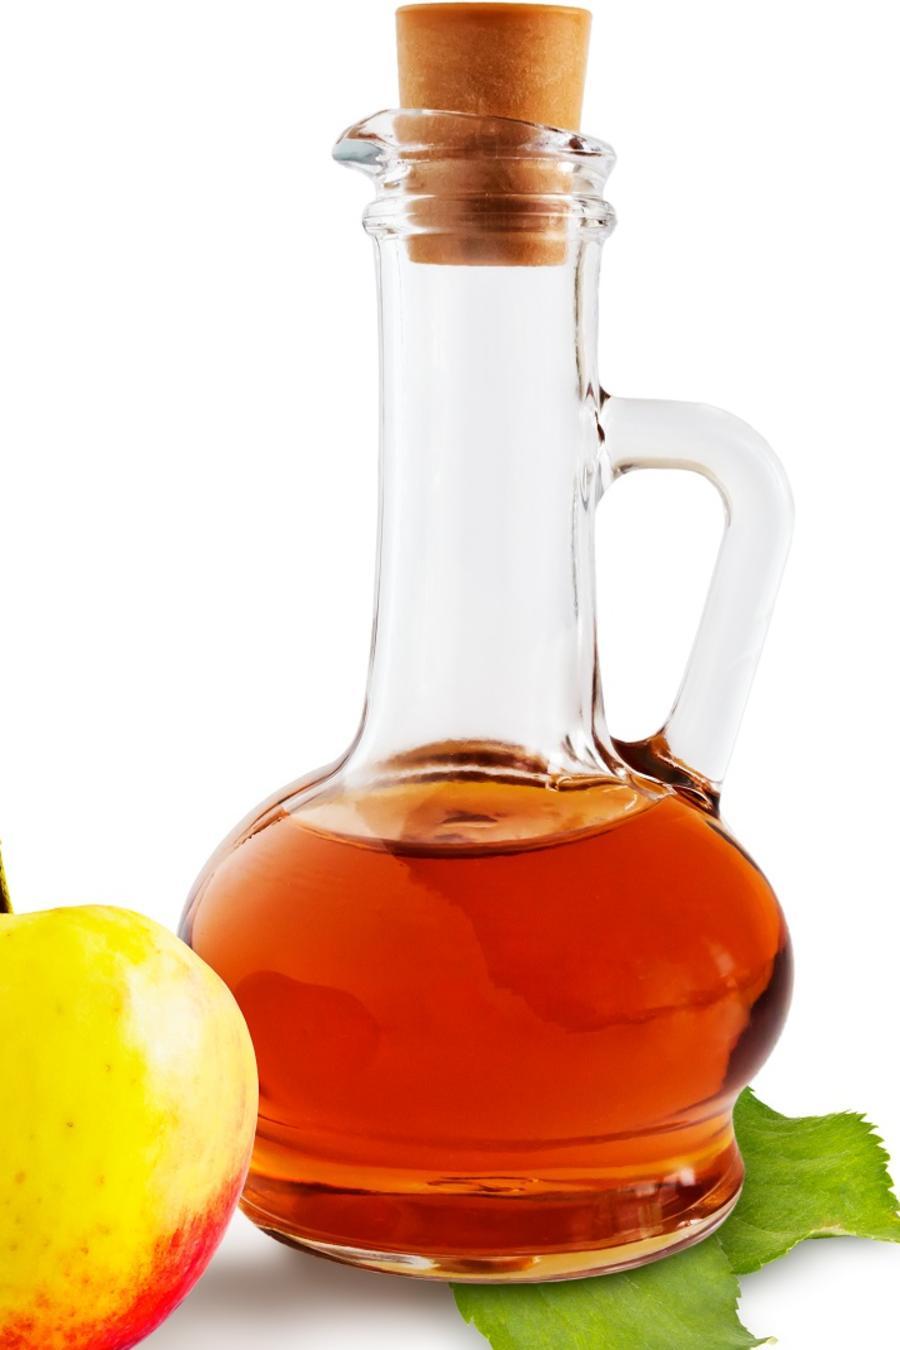 Botella de vinagre al lado de una manzana